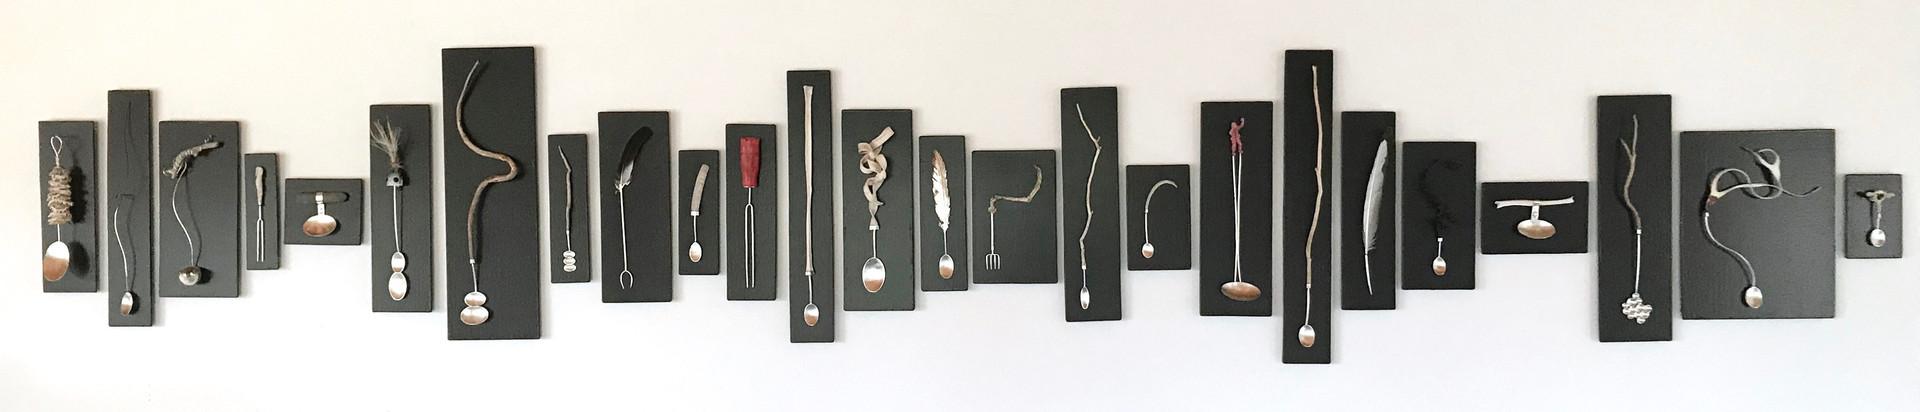 ShoreWare   2018.    Exhibition - Cultivate, Sturt Gallery